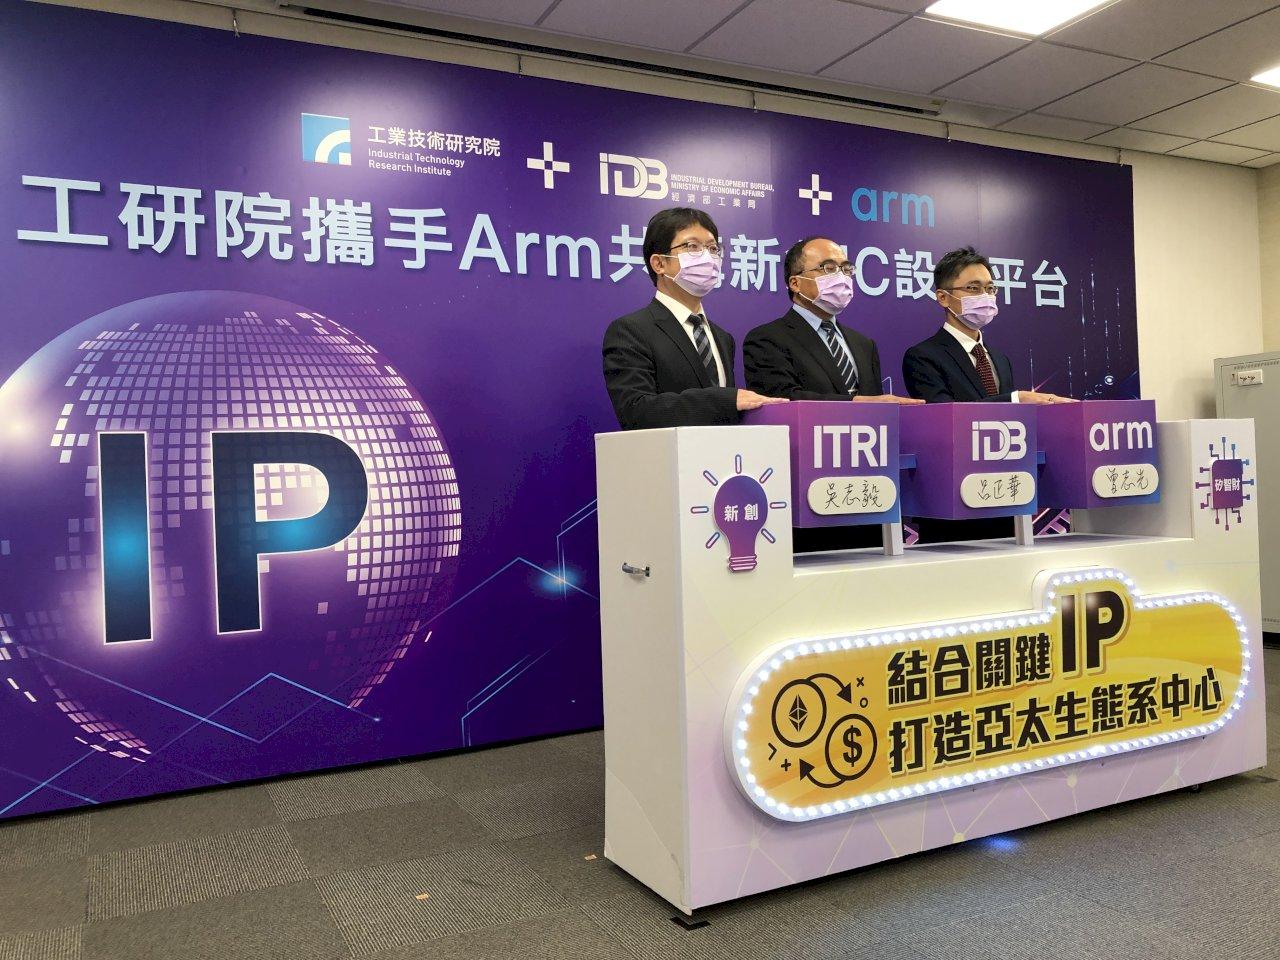 工研院攜手Arm創設IC設計平台 台灣新創初期不花一毛錢就能得到關鍵智財權